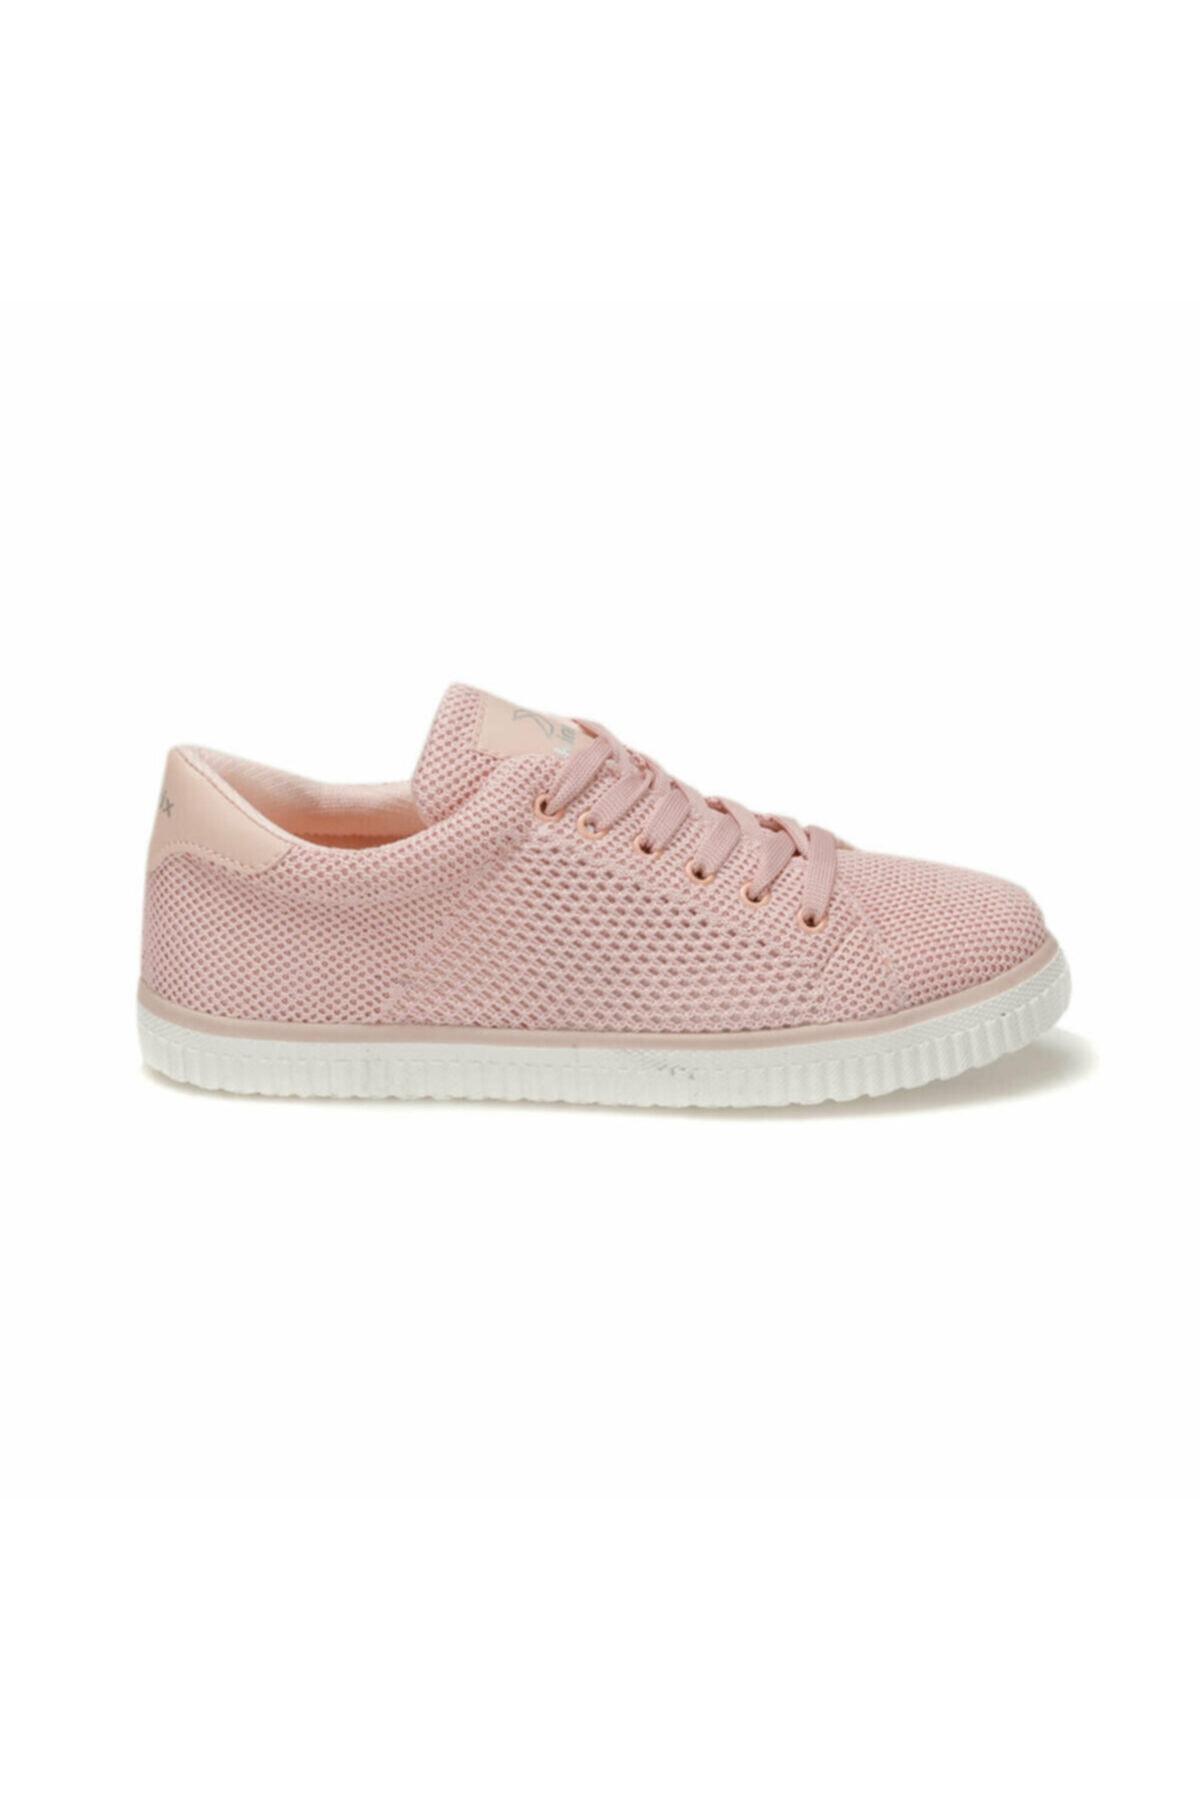 Kinetix Kadın Pembe Günlük Spor Ayakkabı 1081 2